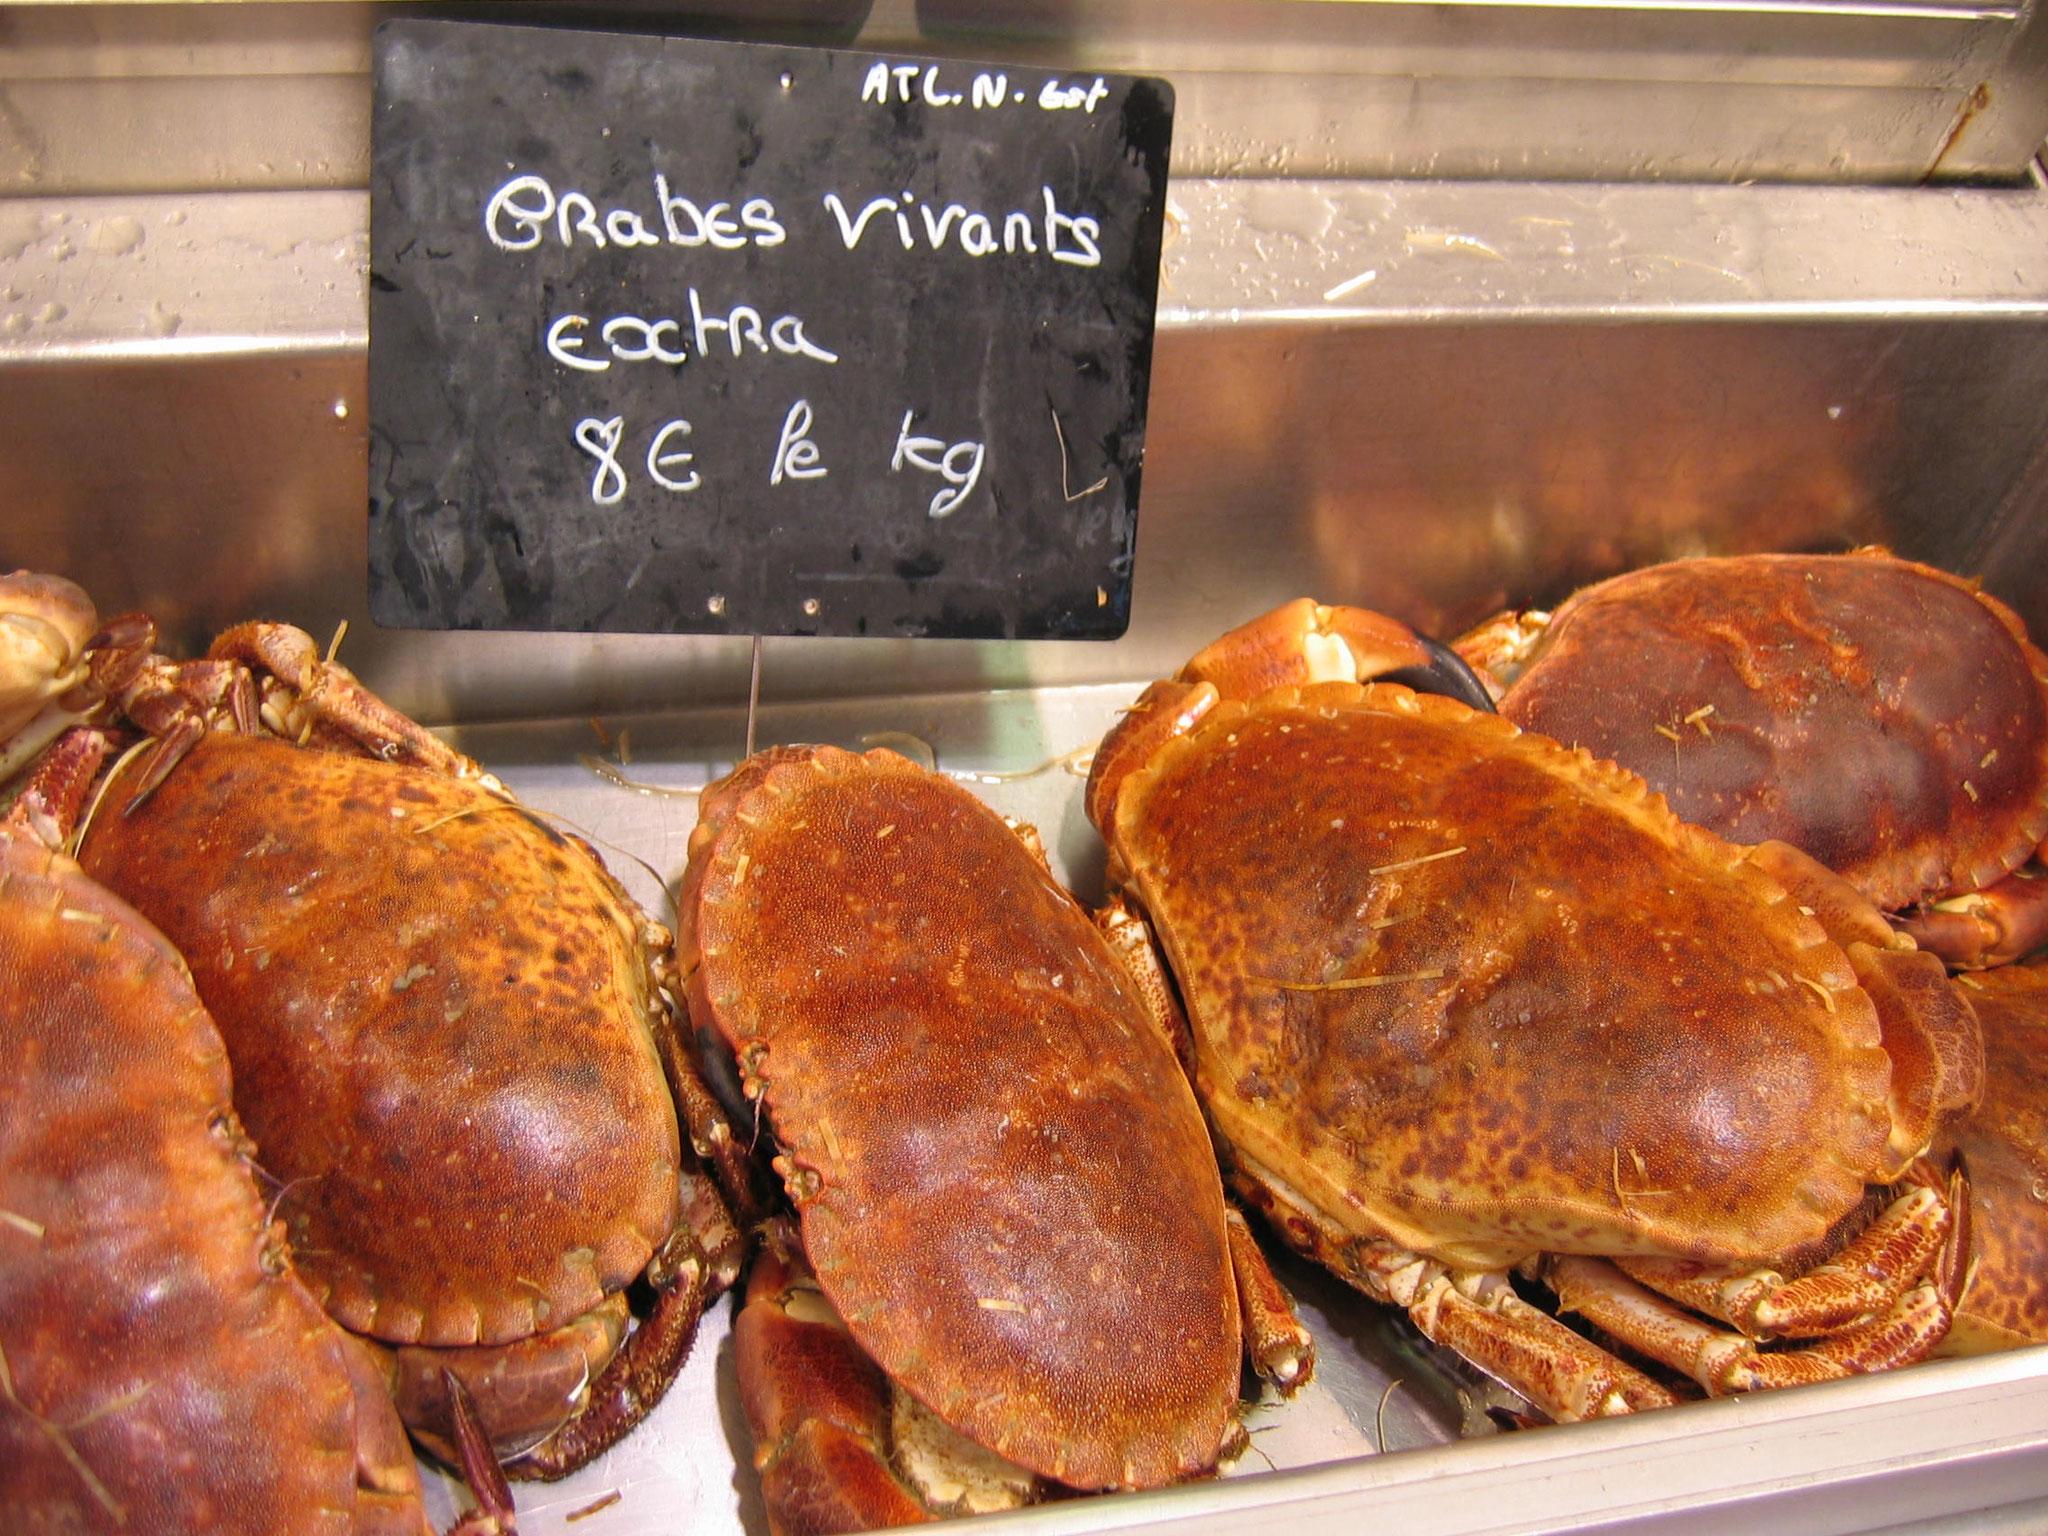 Taschenkrebse sind nur eines der kulinarischen Highlights der Bretagne